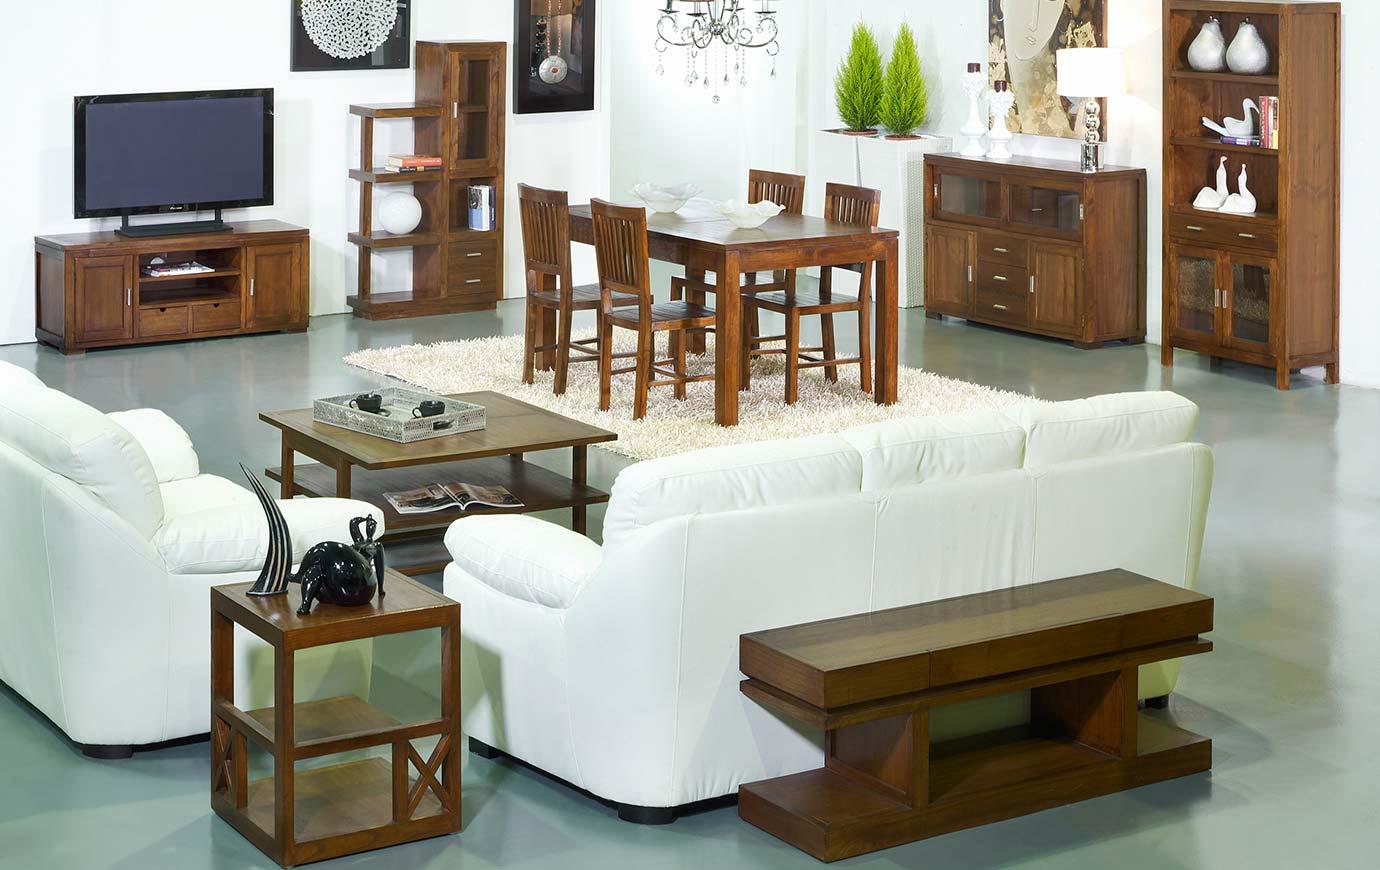 Muebles coloniales contemporáneos madera nogal - Colección ...